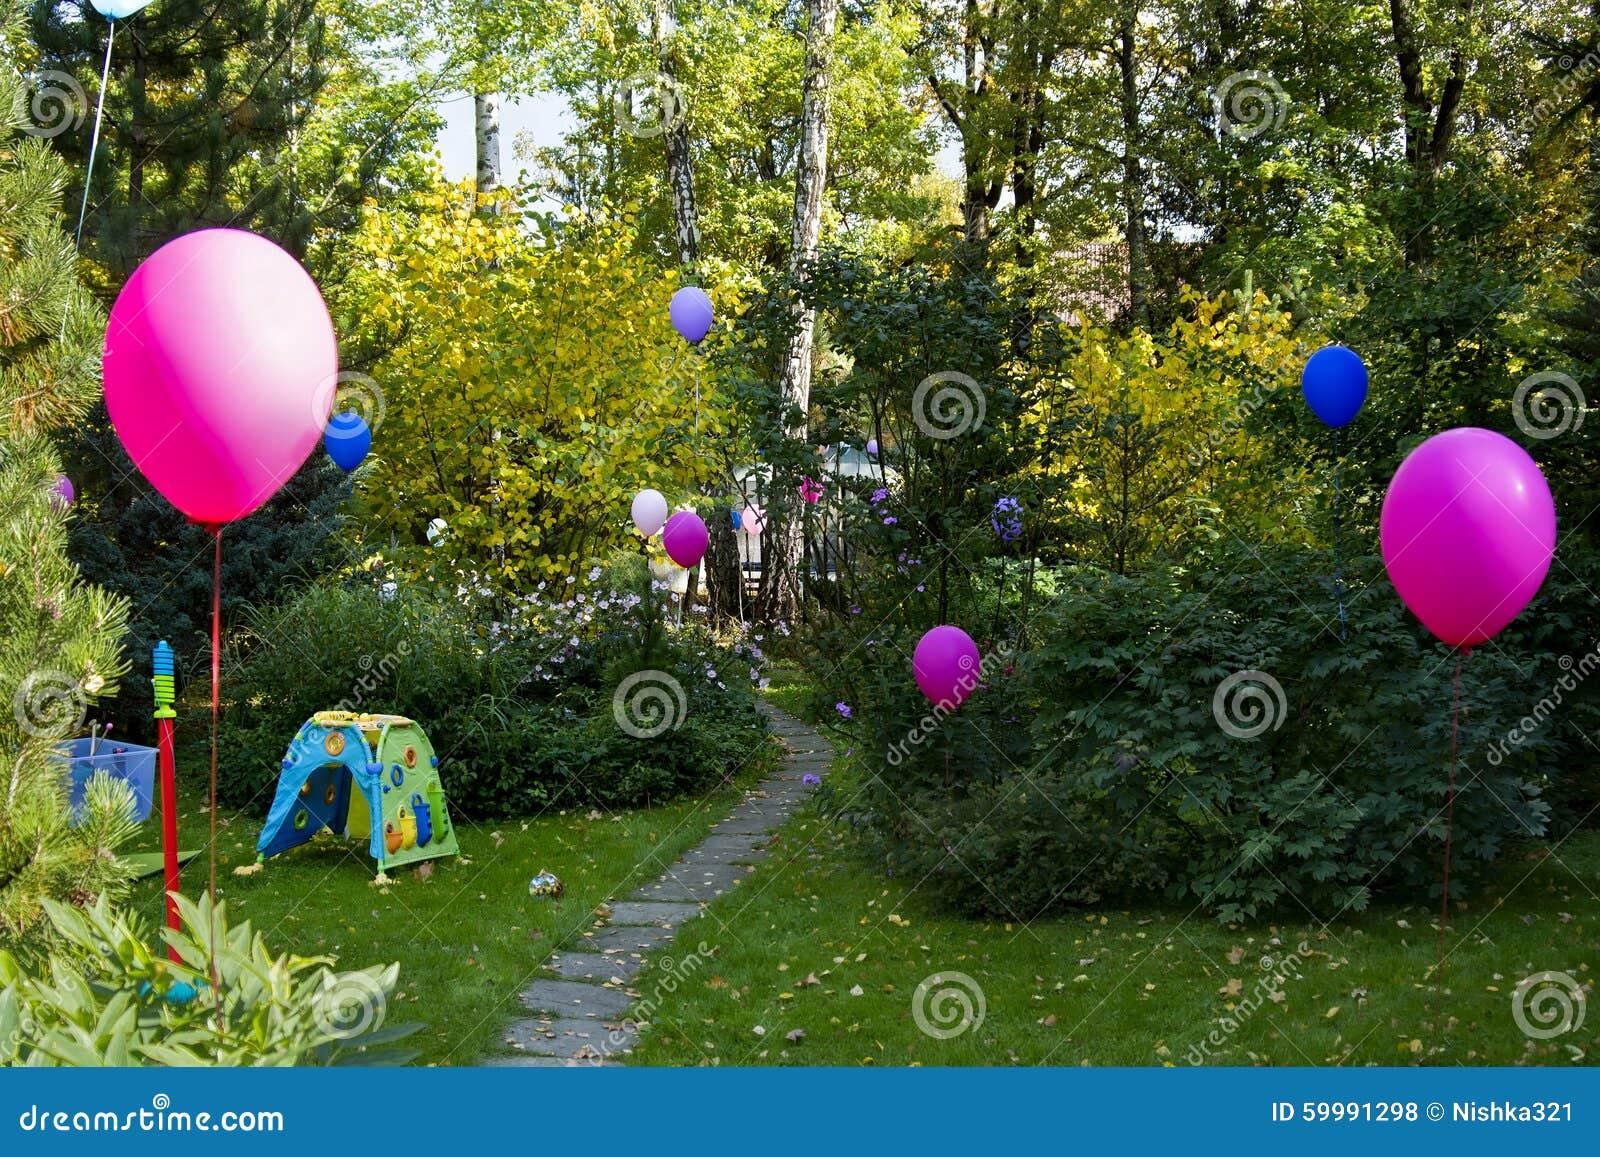 bunte ballone im hinterhof landschaft romanze nave - Hinterhof Landschaften Bilder